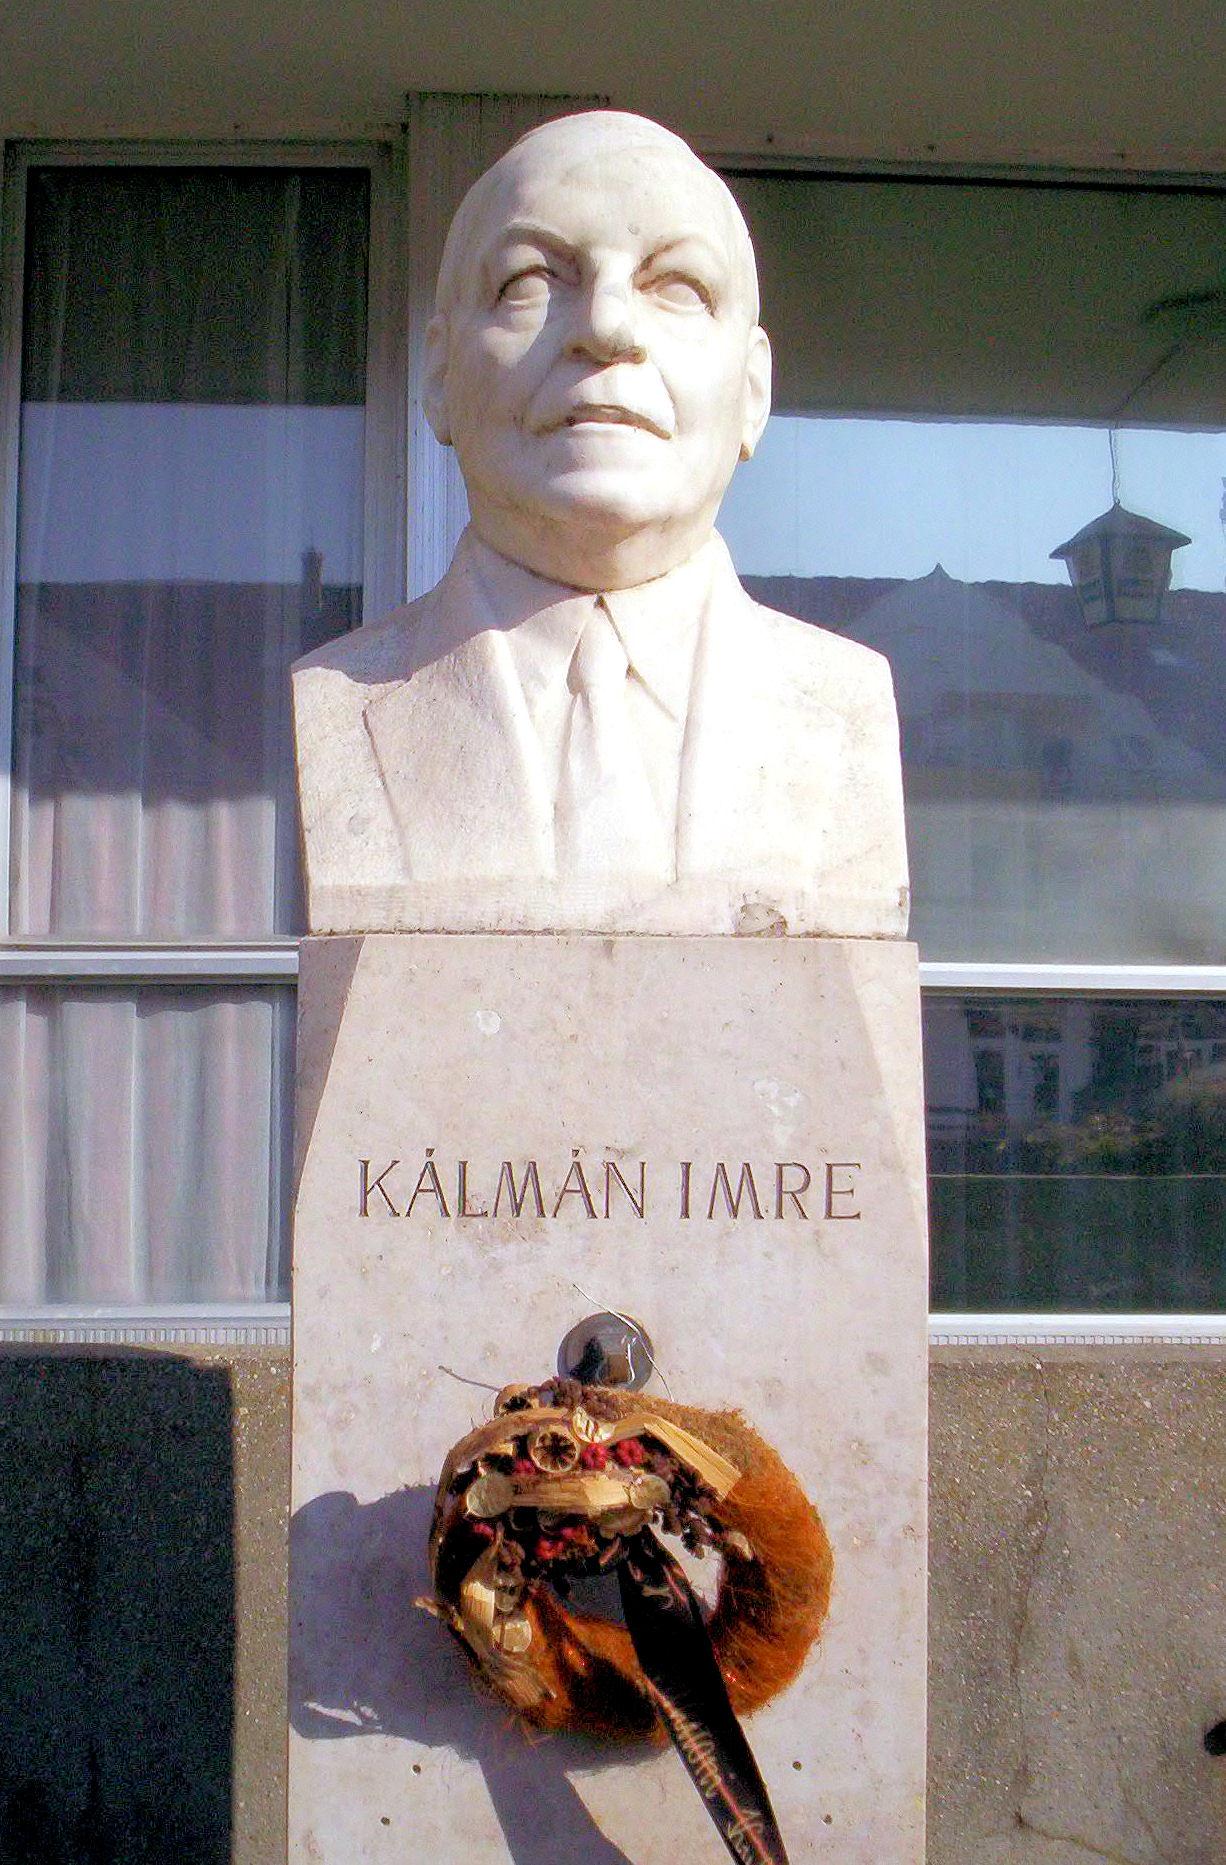 Kalman Imre B Siofok.jpg